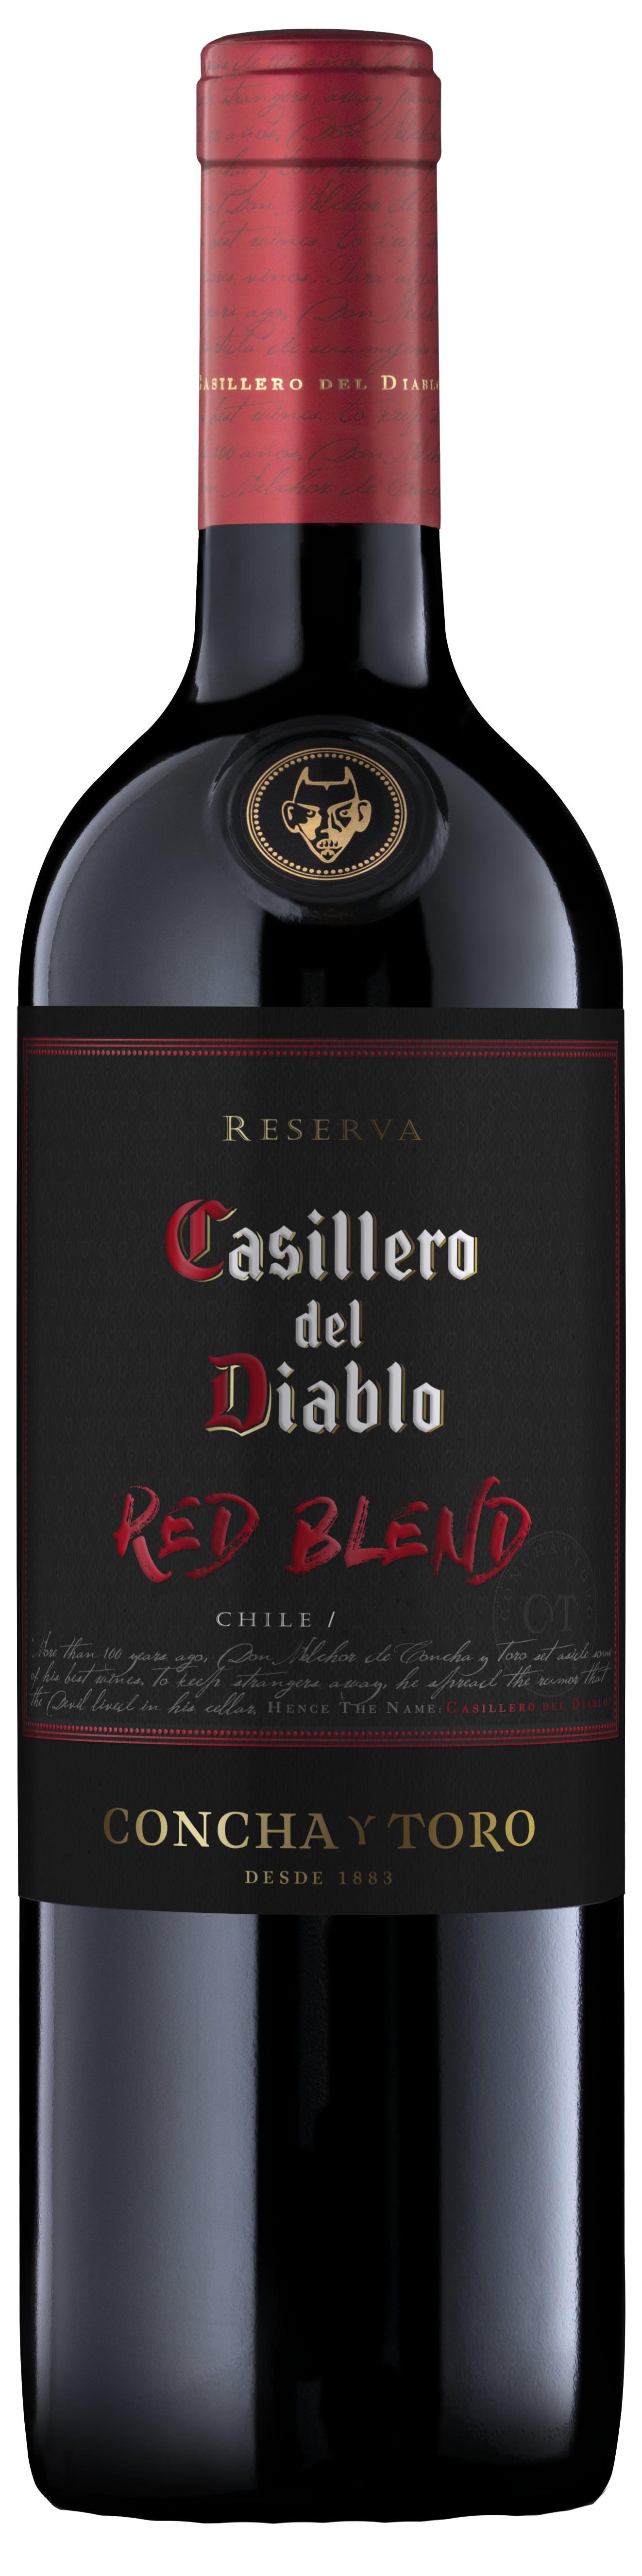 Concha Y Toro Casillero Del Diablo Red Blend 2017